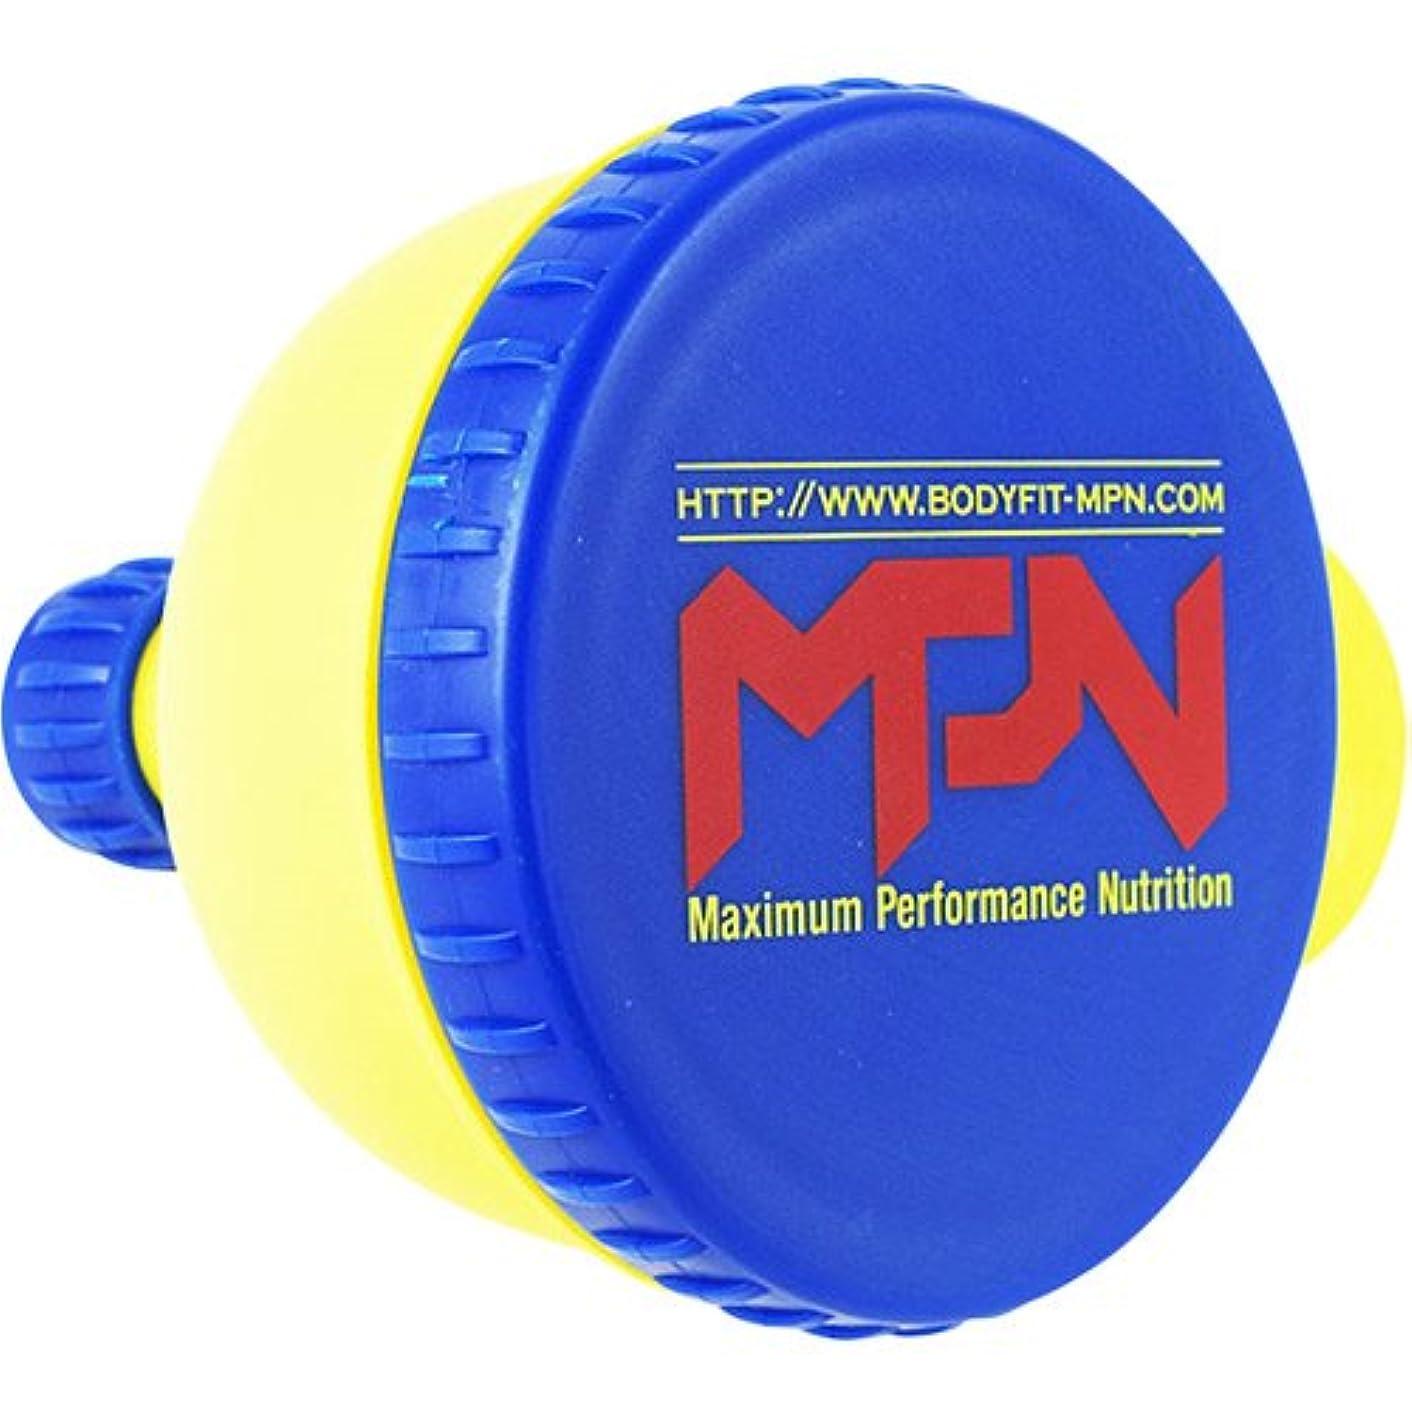 札入れマイクログループボディフィット MPN ファンネル 粉末サプリメント小分け携帯用漏斗